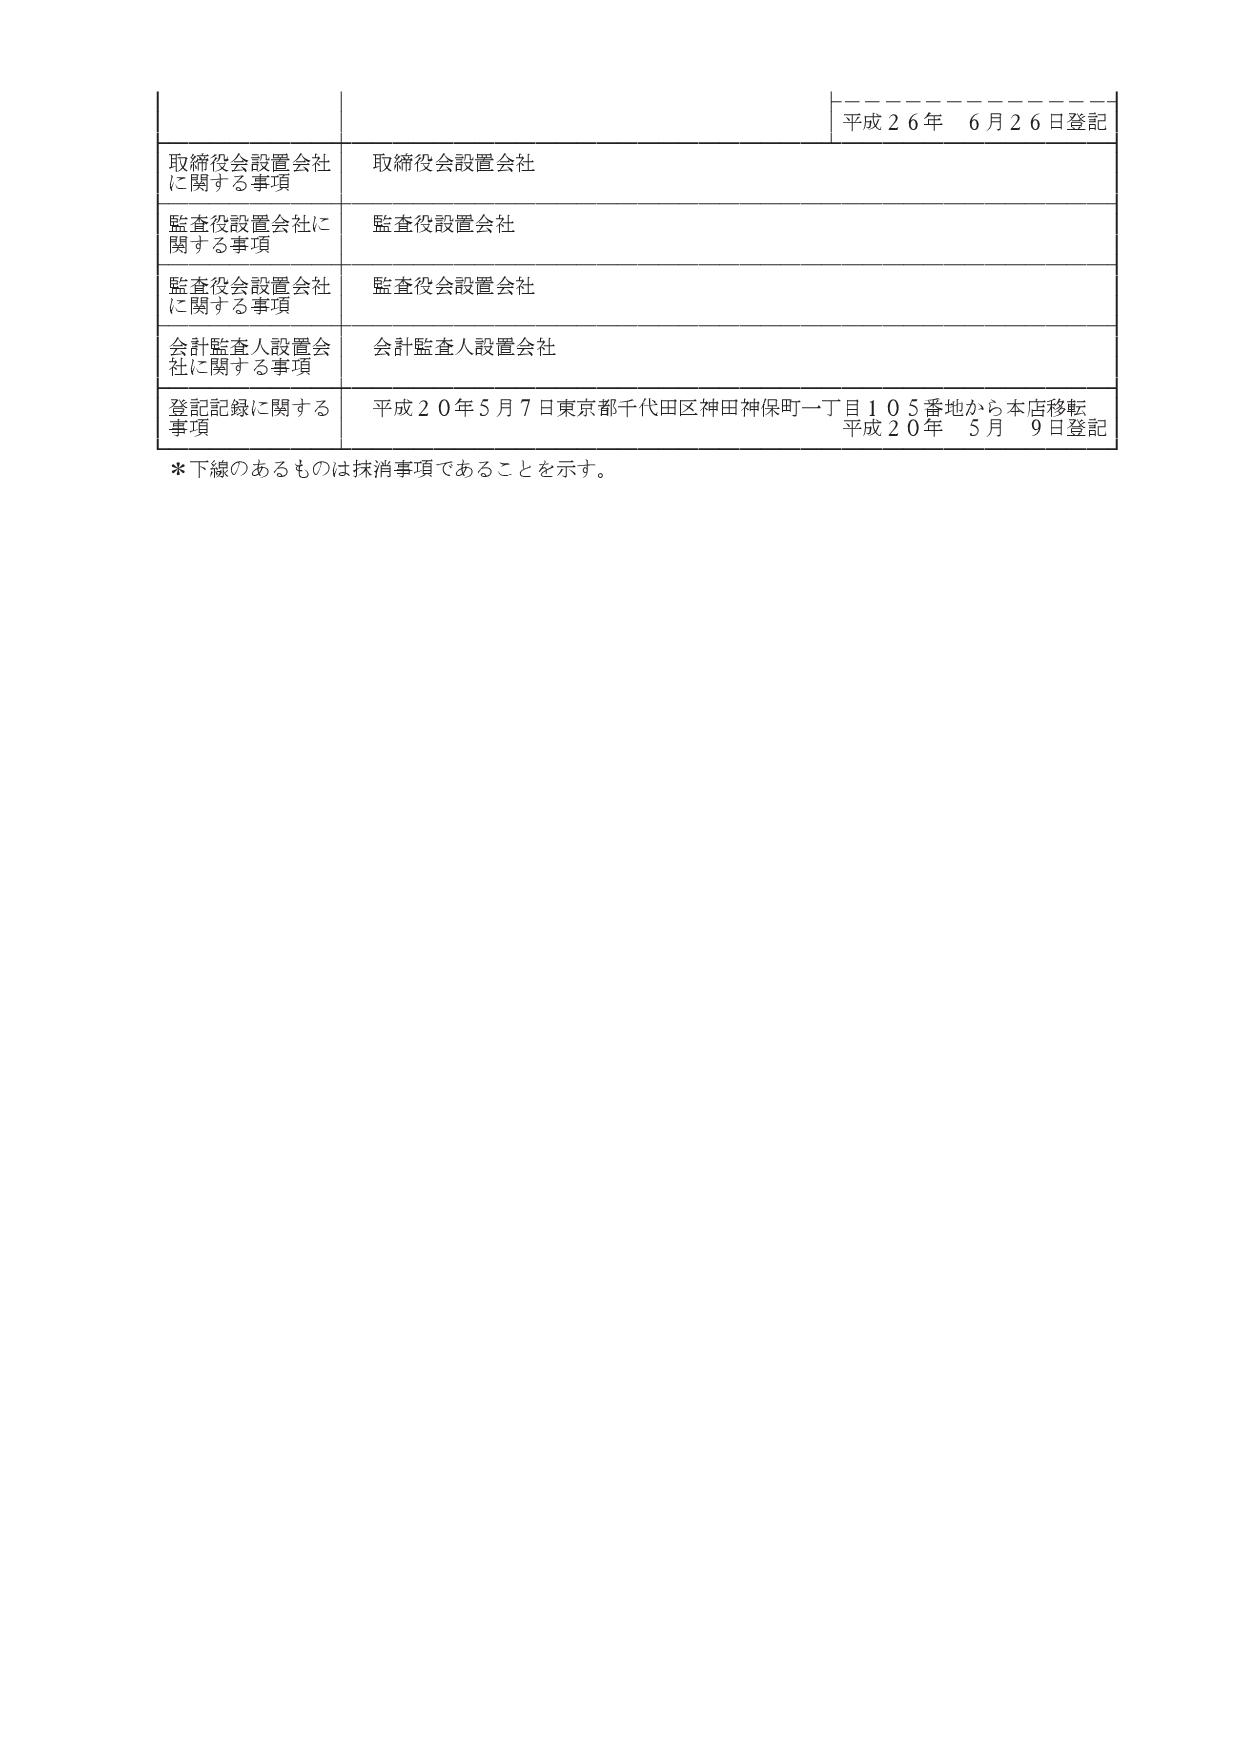 株式会社エヌ・ティ・ティエムイー法人登記簿(全部事項)2015052194873409-005